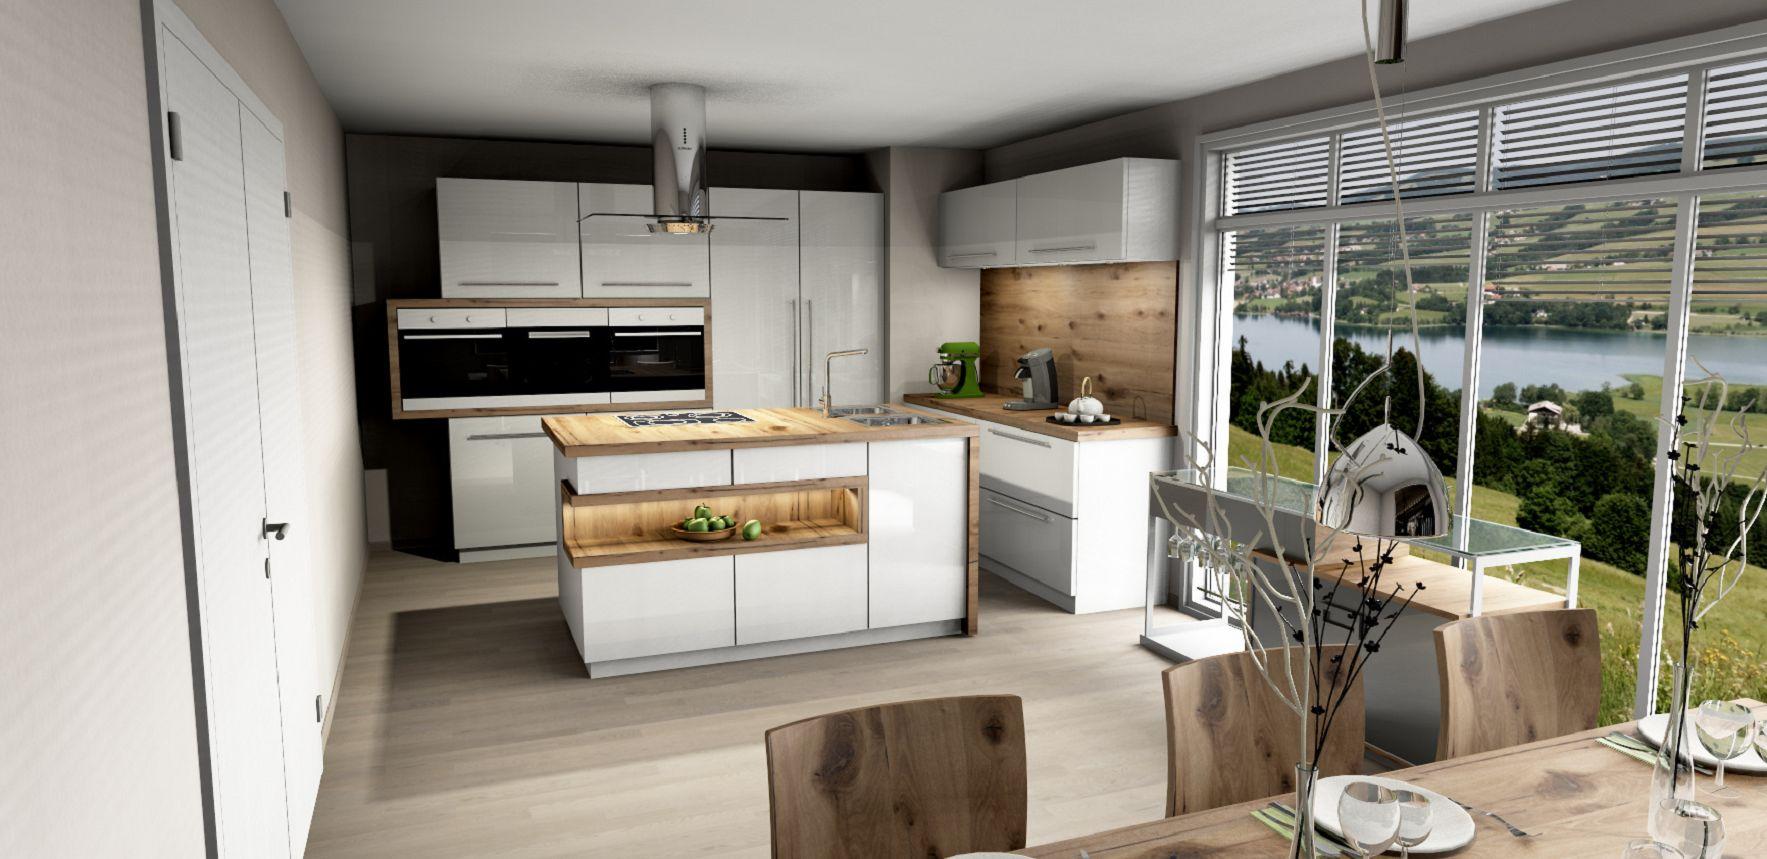 Wir planen mit Ihnen eine Küche, die Ihren Vorstellungen entspricht